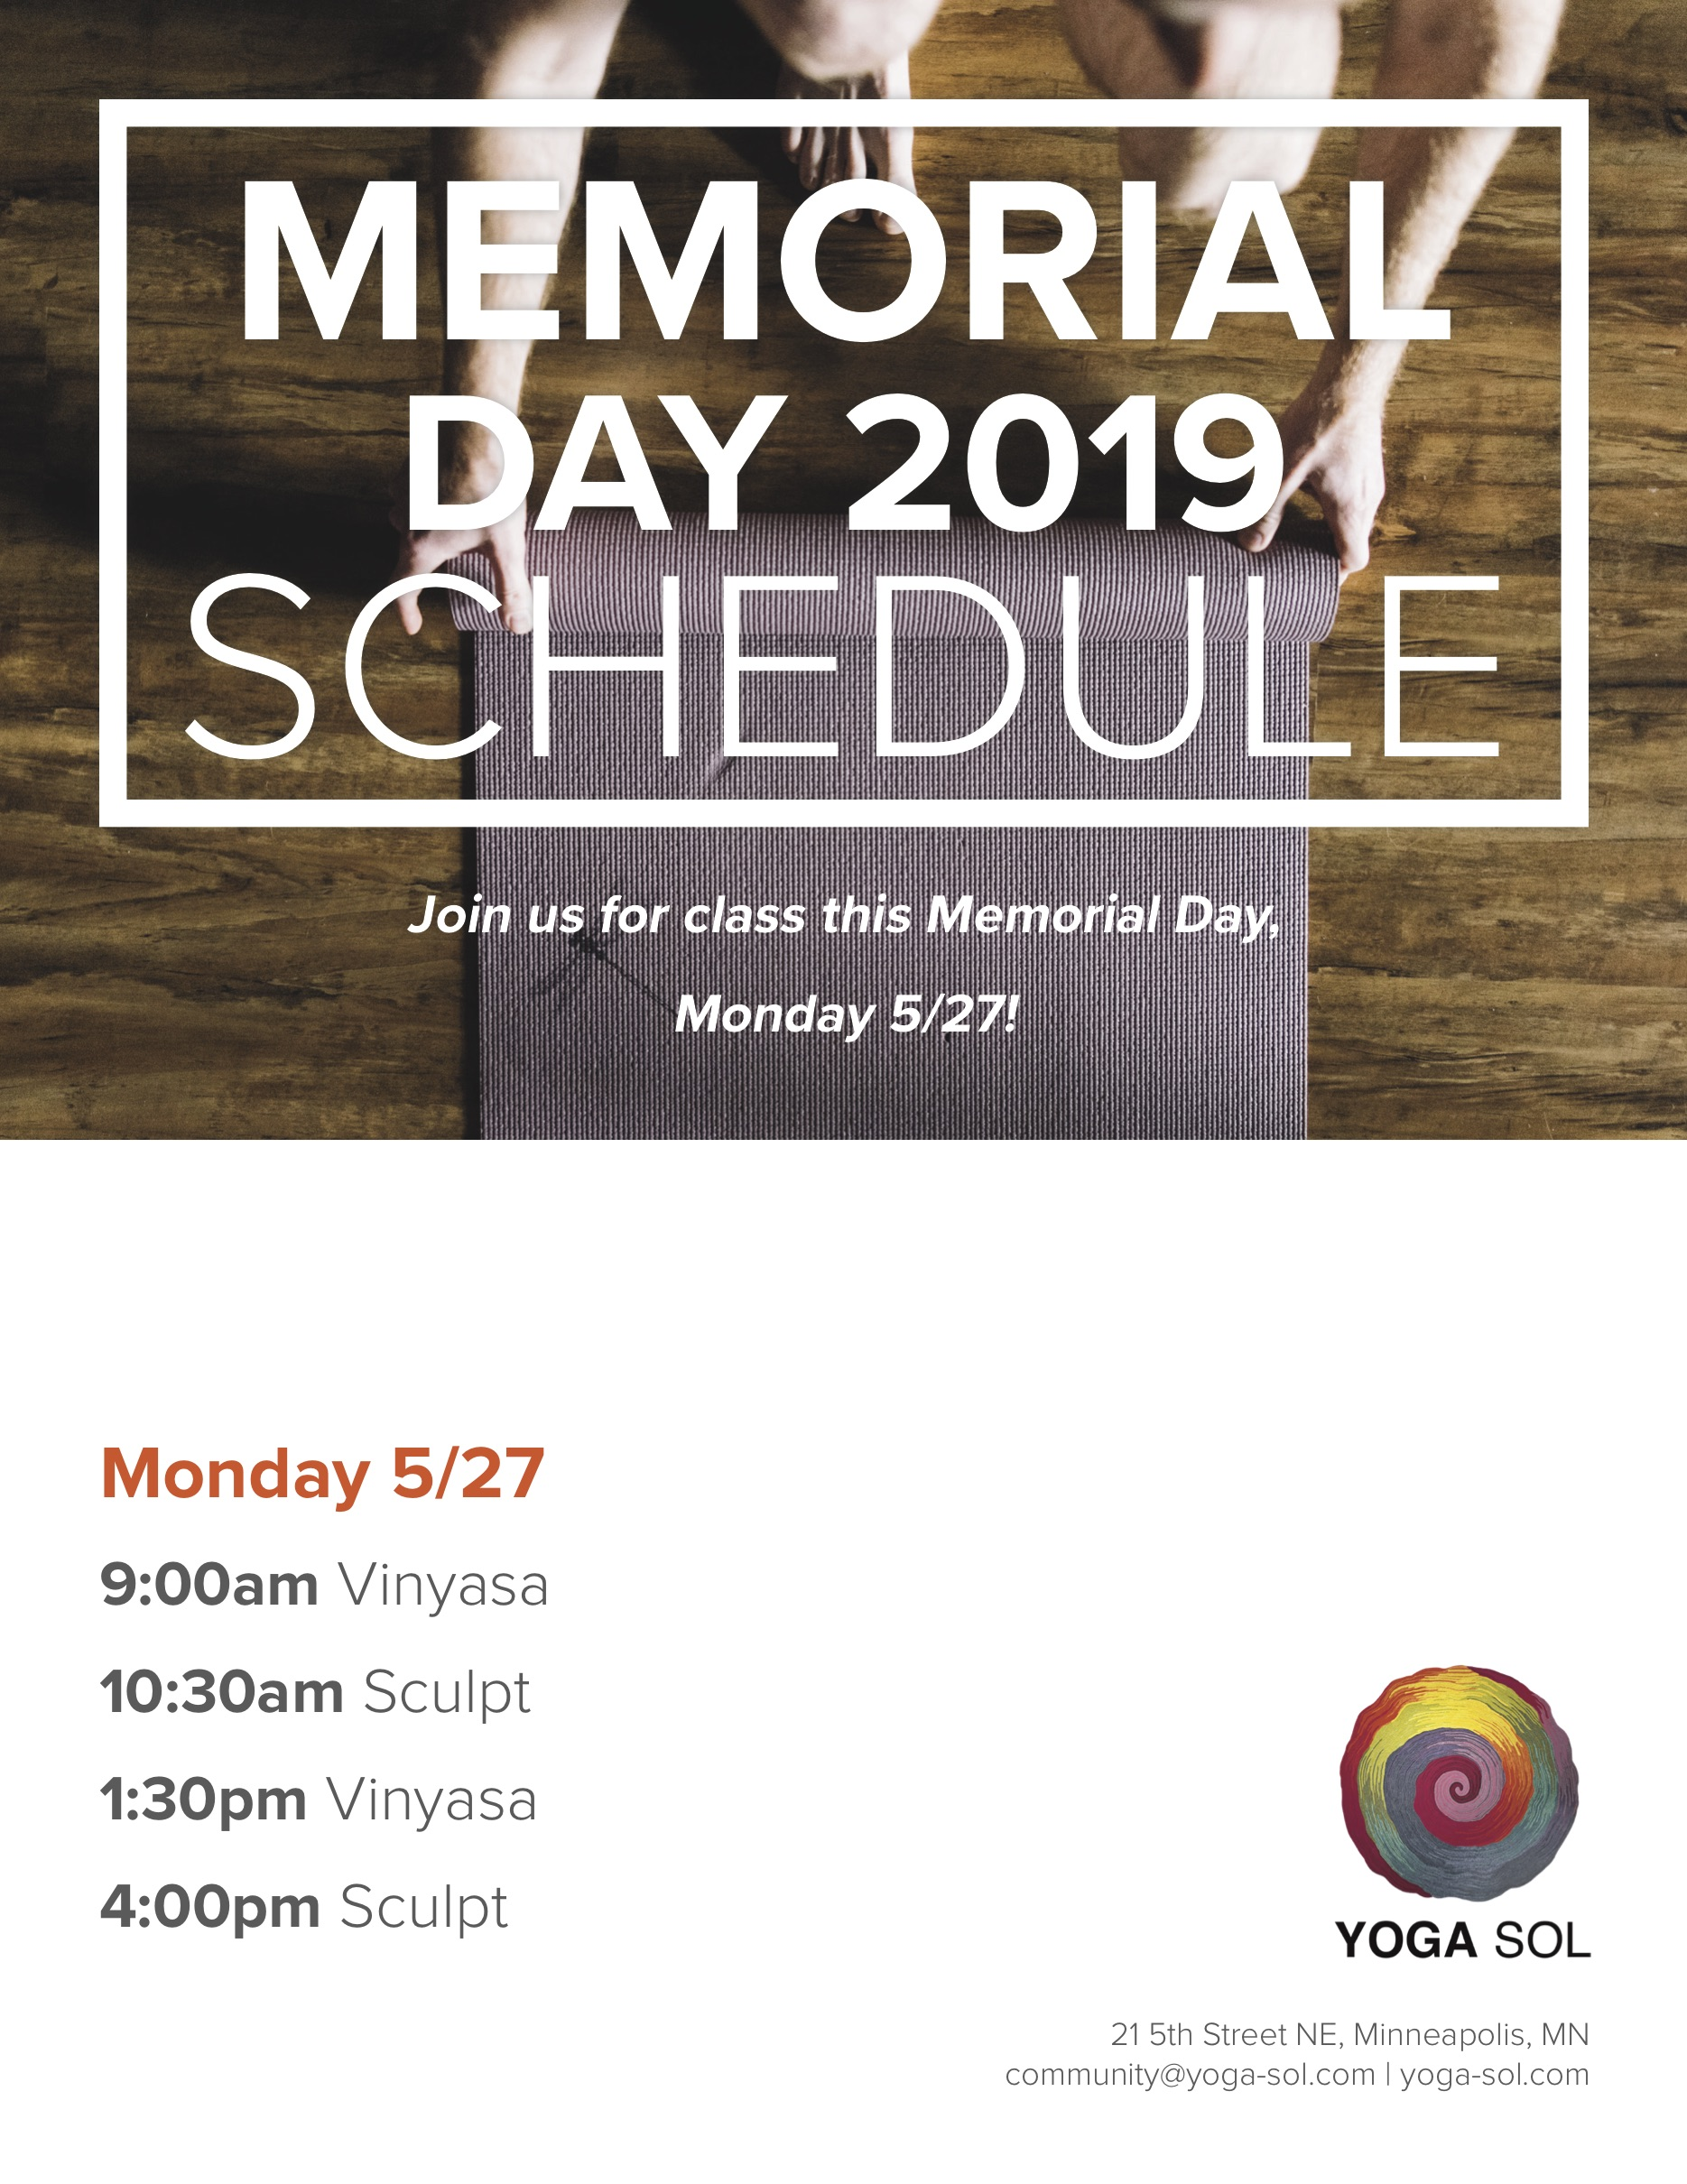 2019 5 27 Memorial Day Schedule.jpg